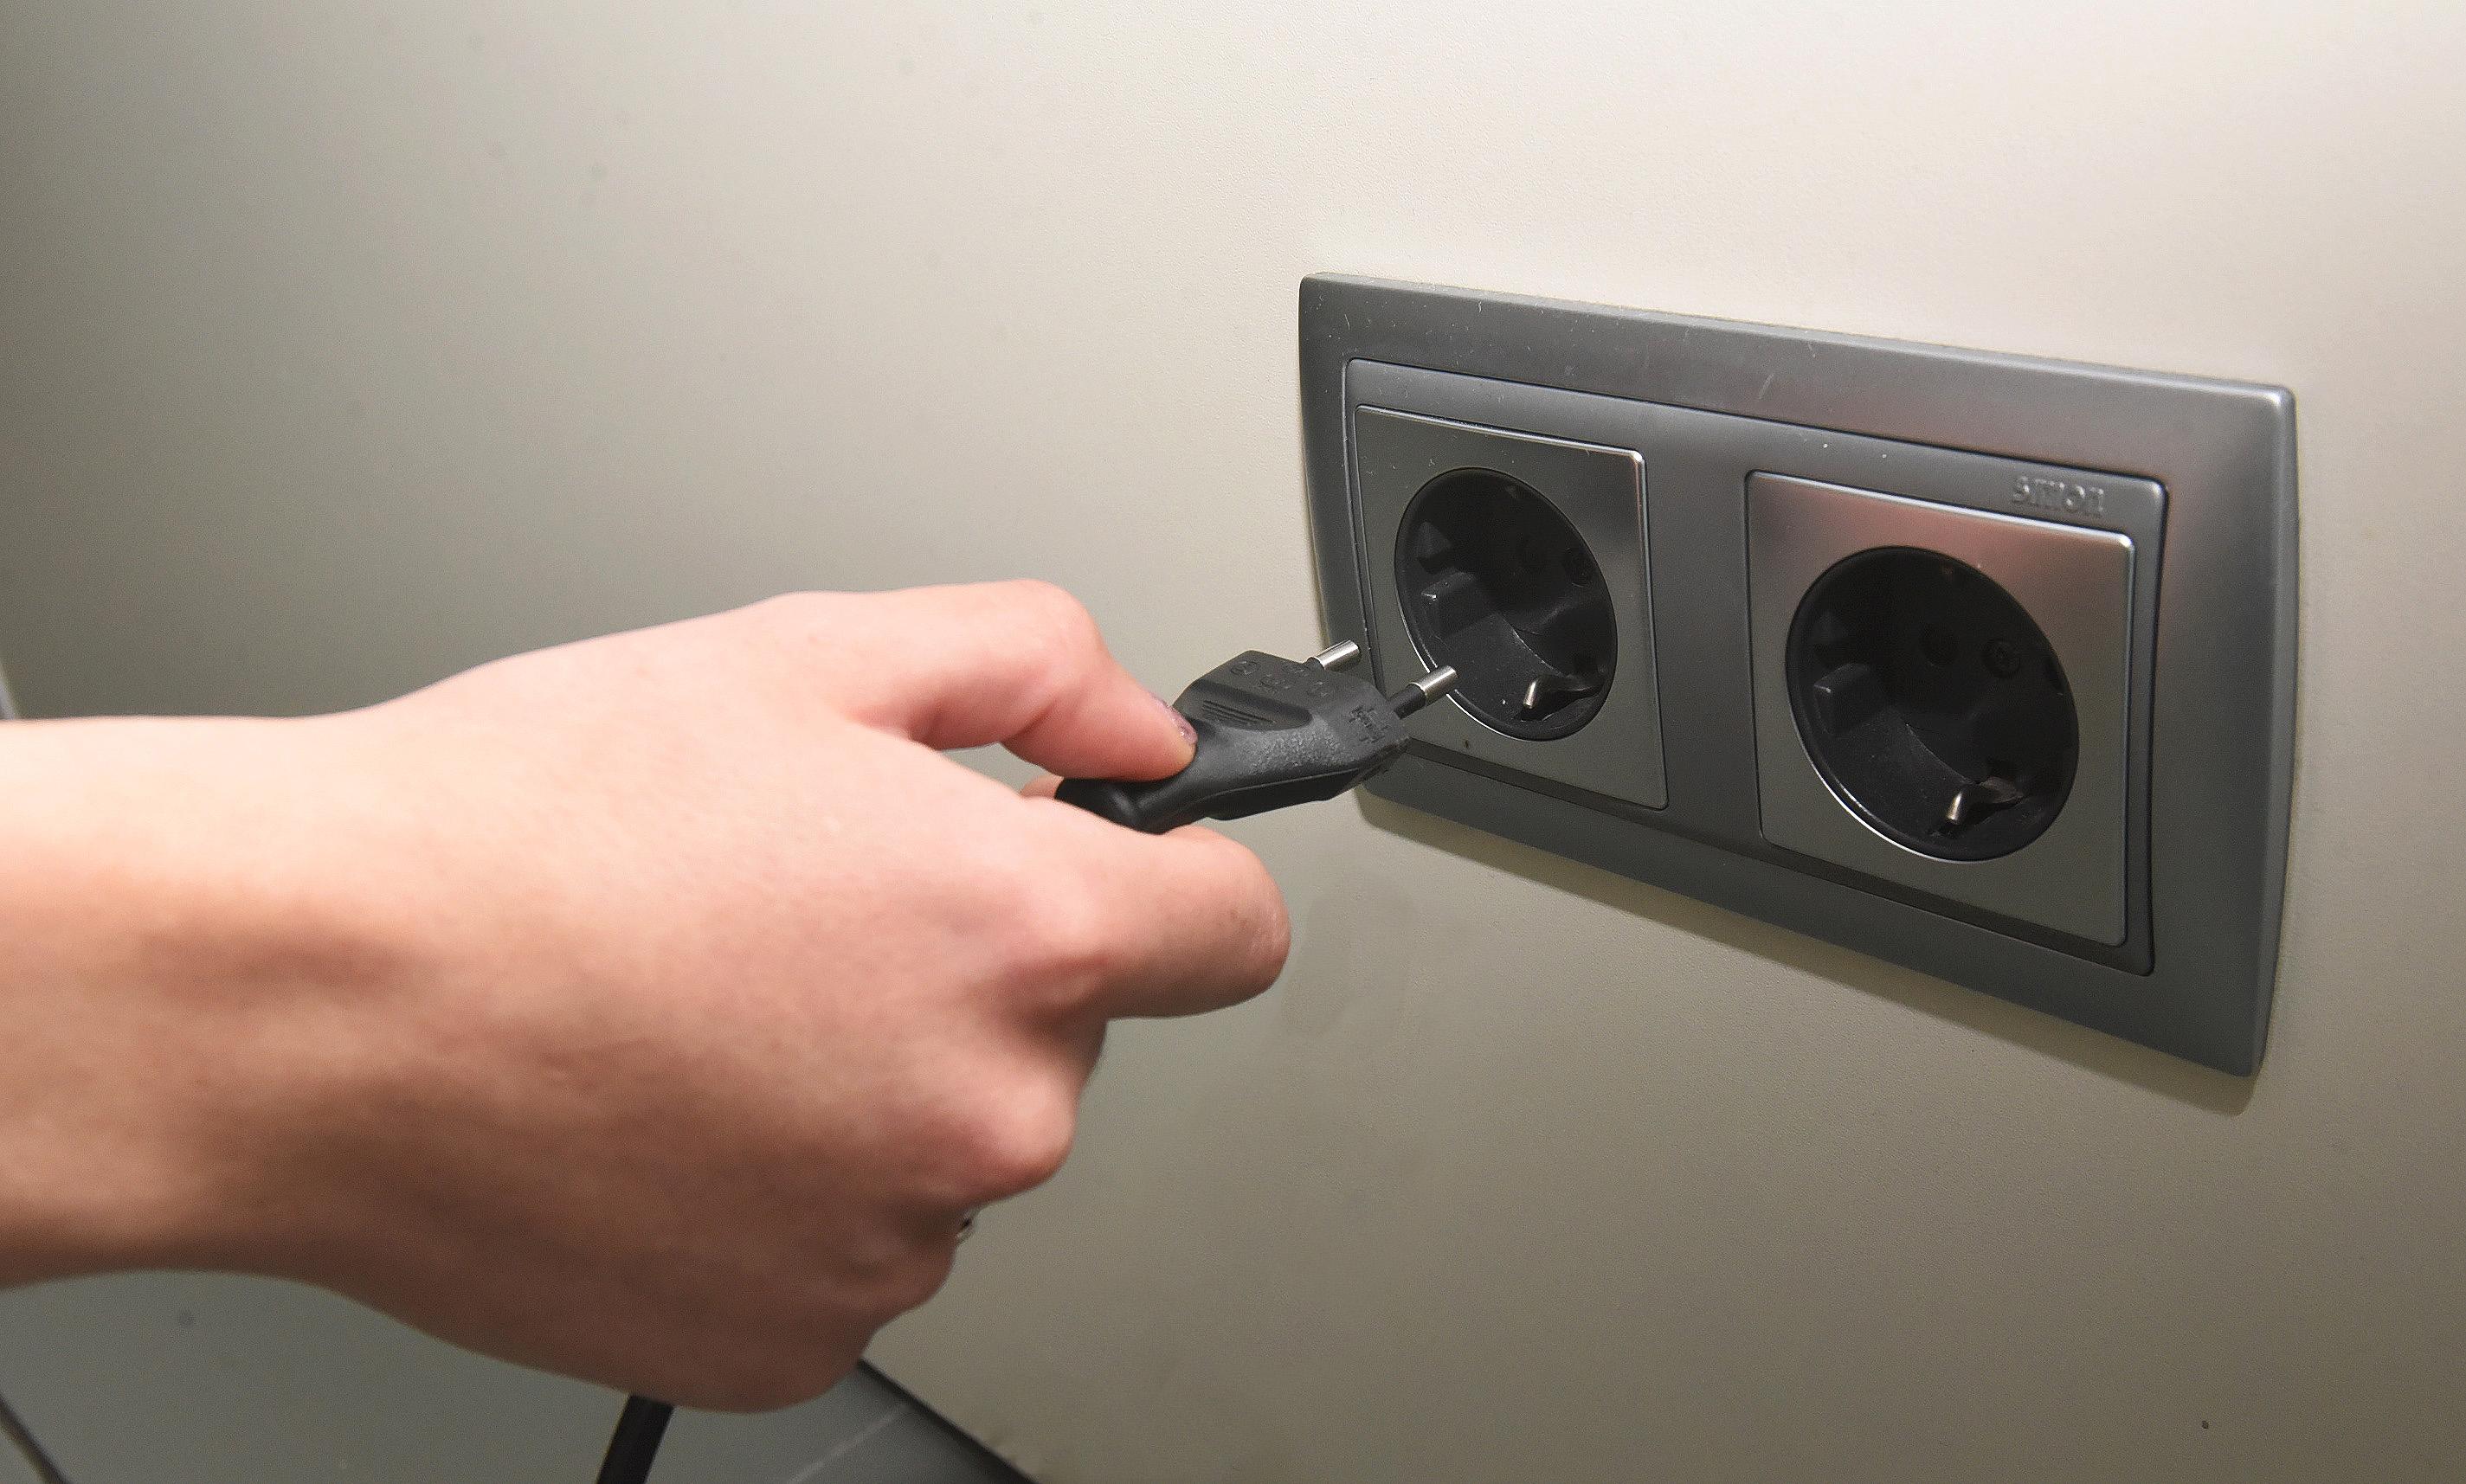 Nace la Oficina de Información Energética que asesorará a los ciudadanos en torno a su consumo eléctrico